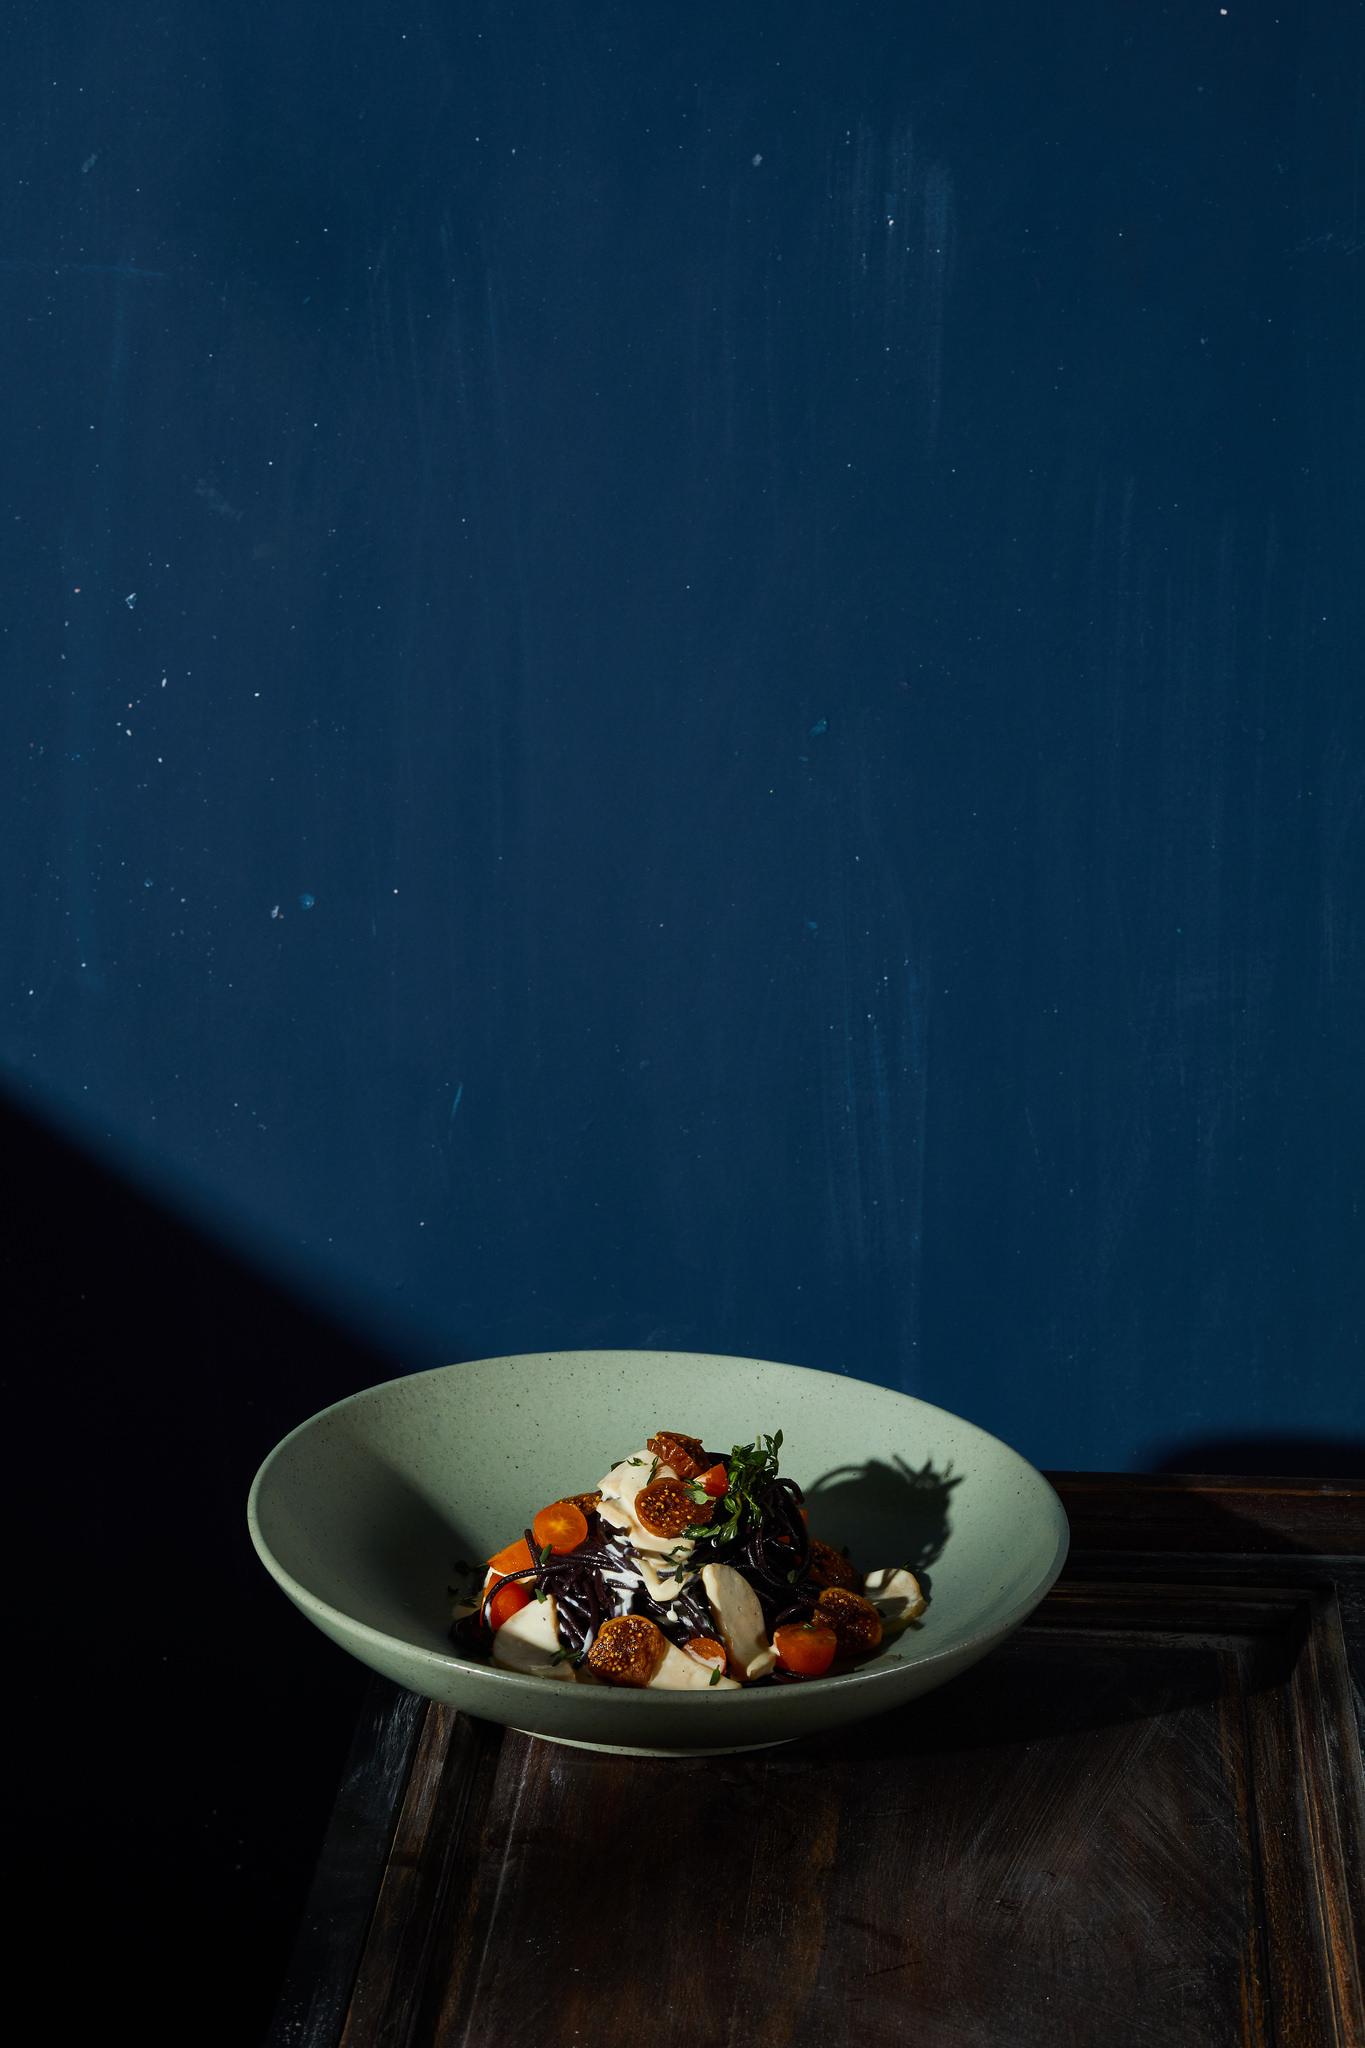 uudamchay-foodphotography-thatsluminous-03.jpg